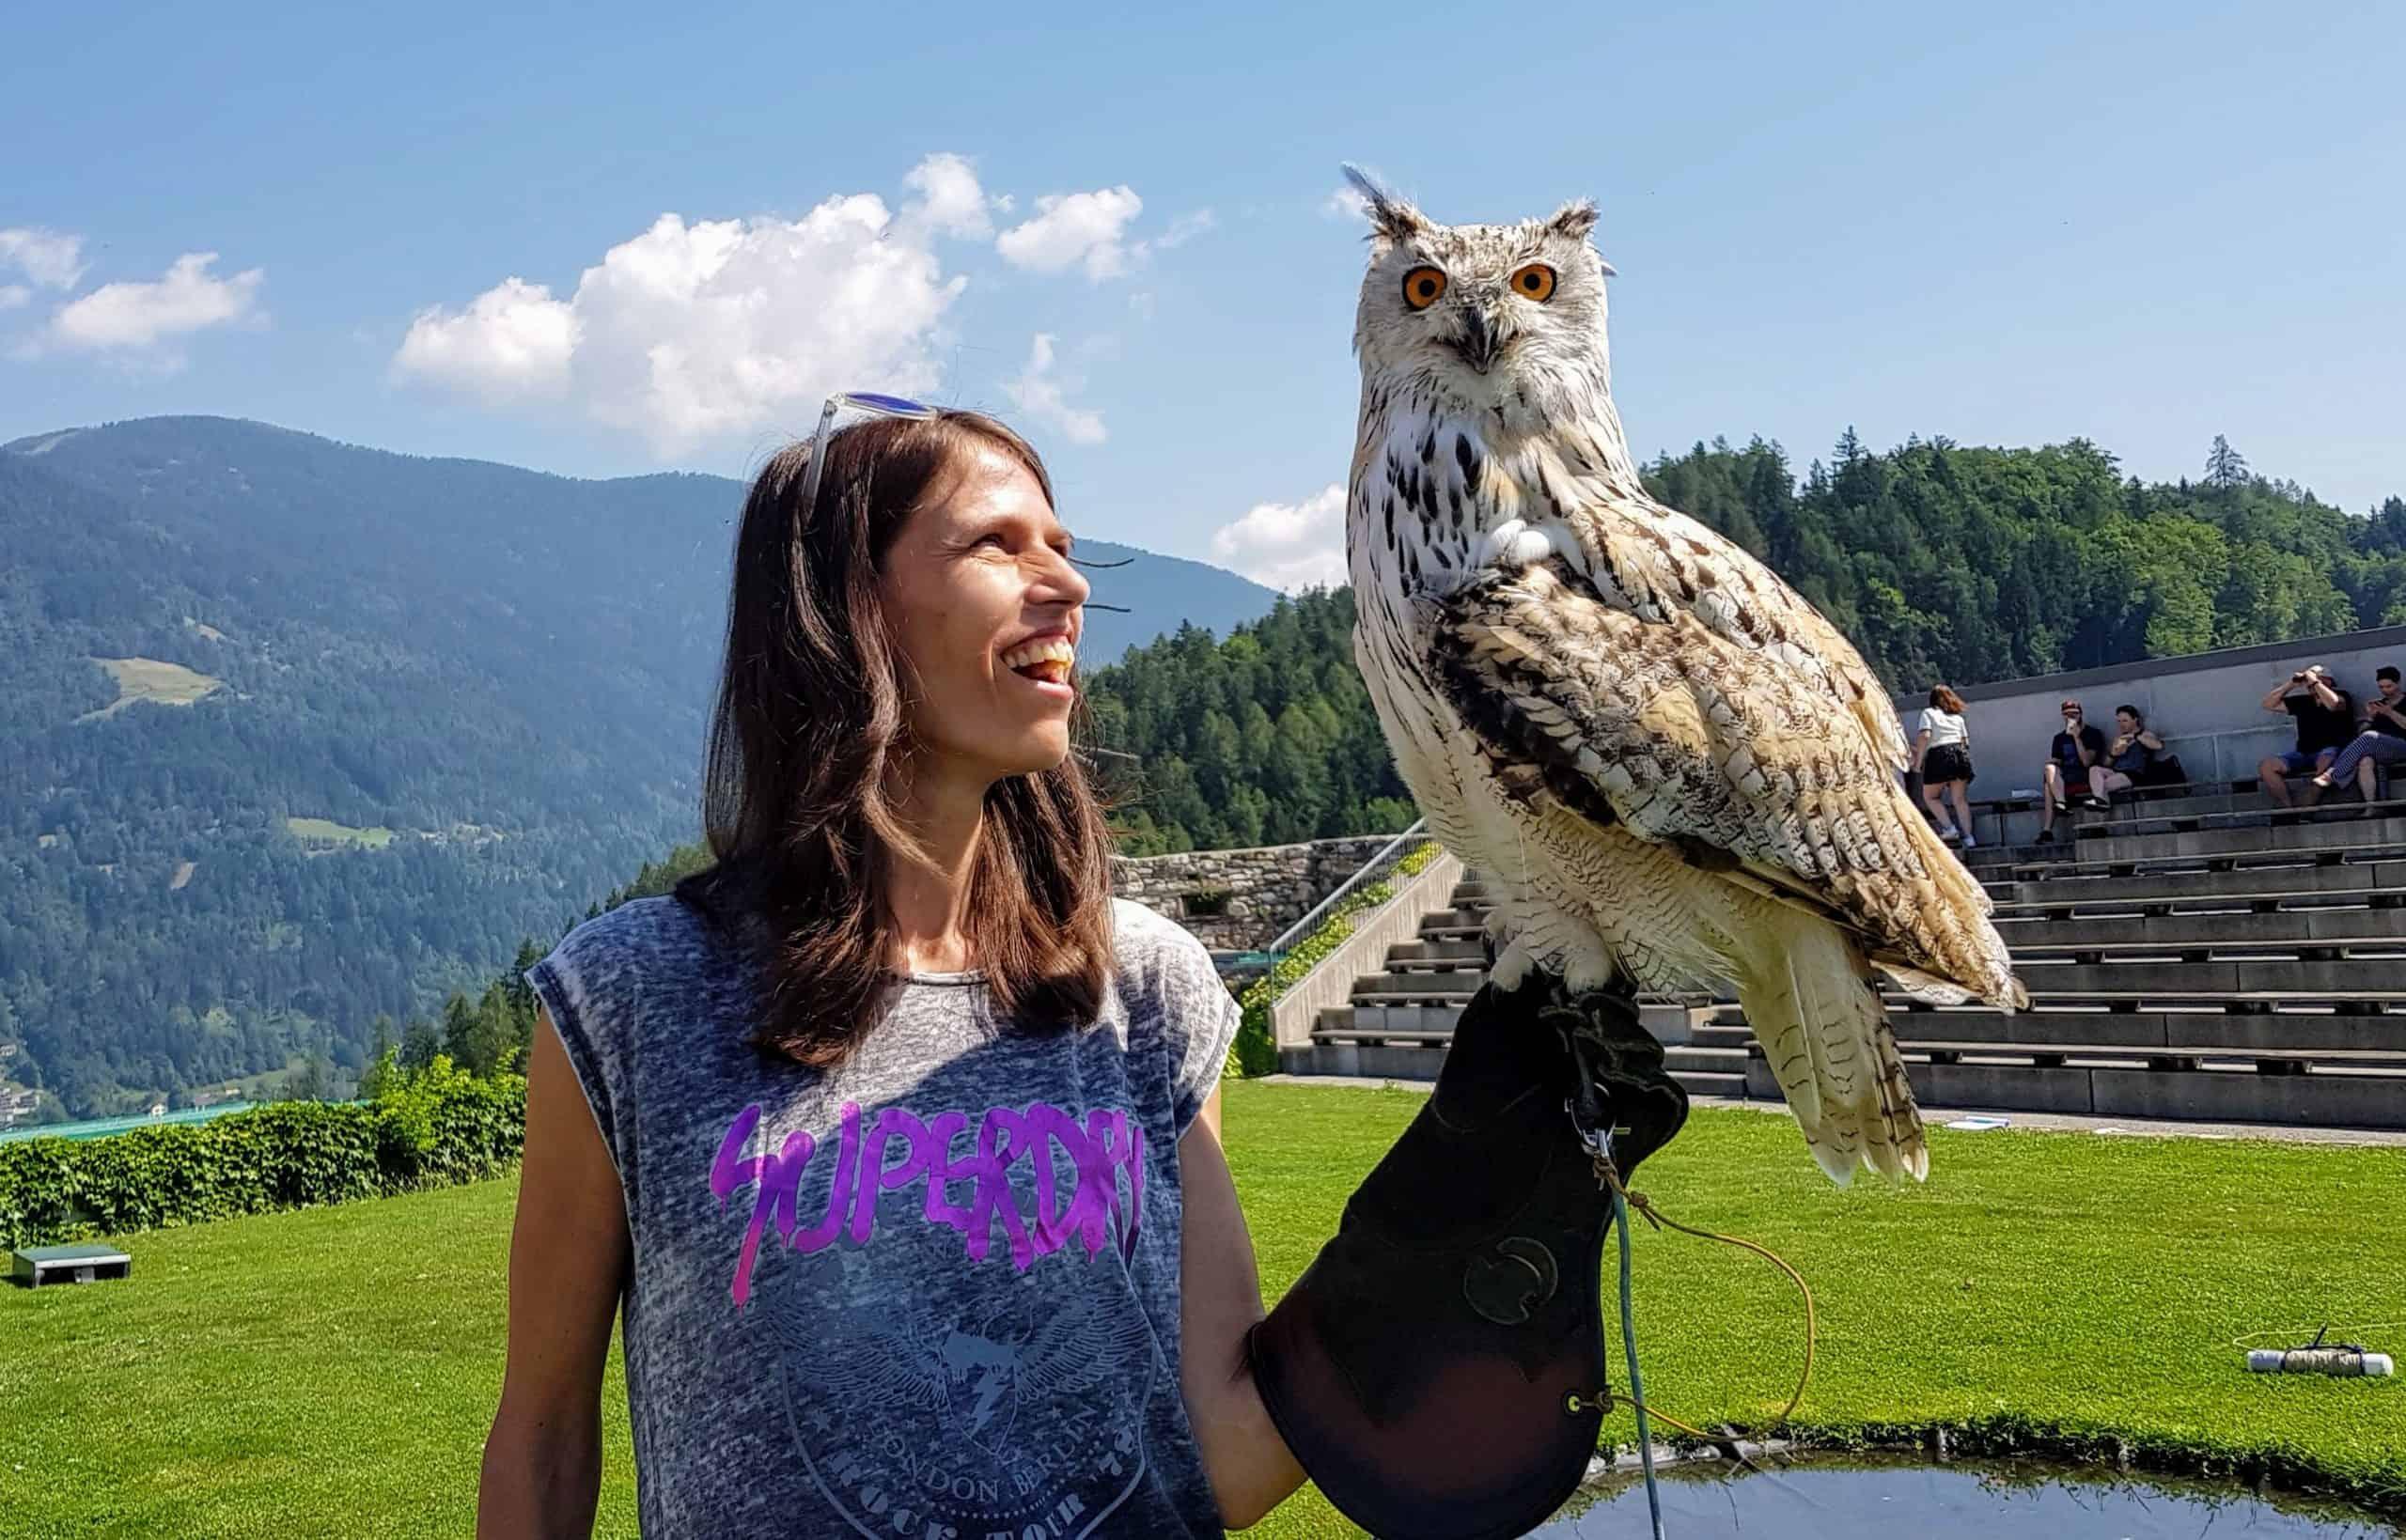 Geschenksidee Foto mit Sibirischer Uhu oder Adler in der Adlerarena Landskron Kärnten Villach - Österreich